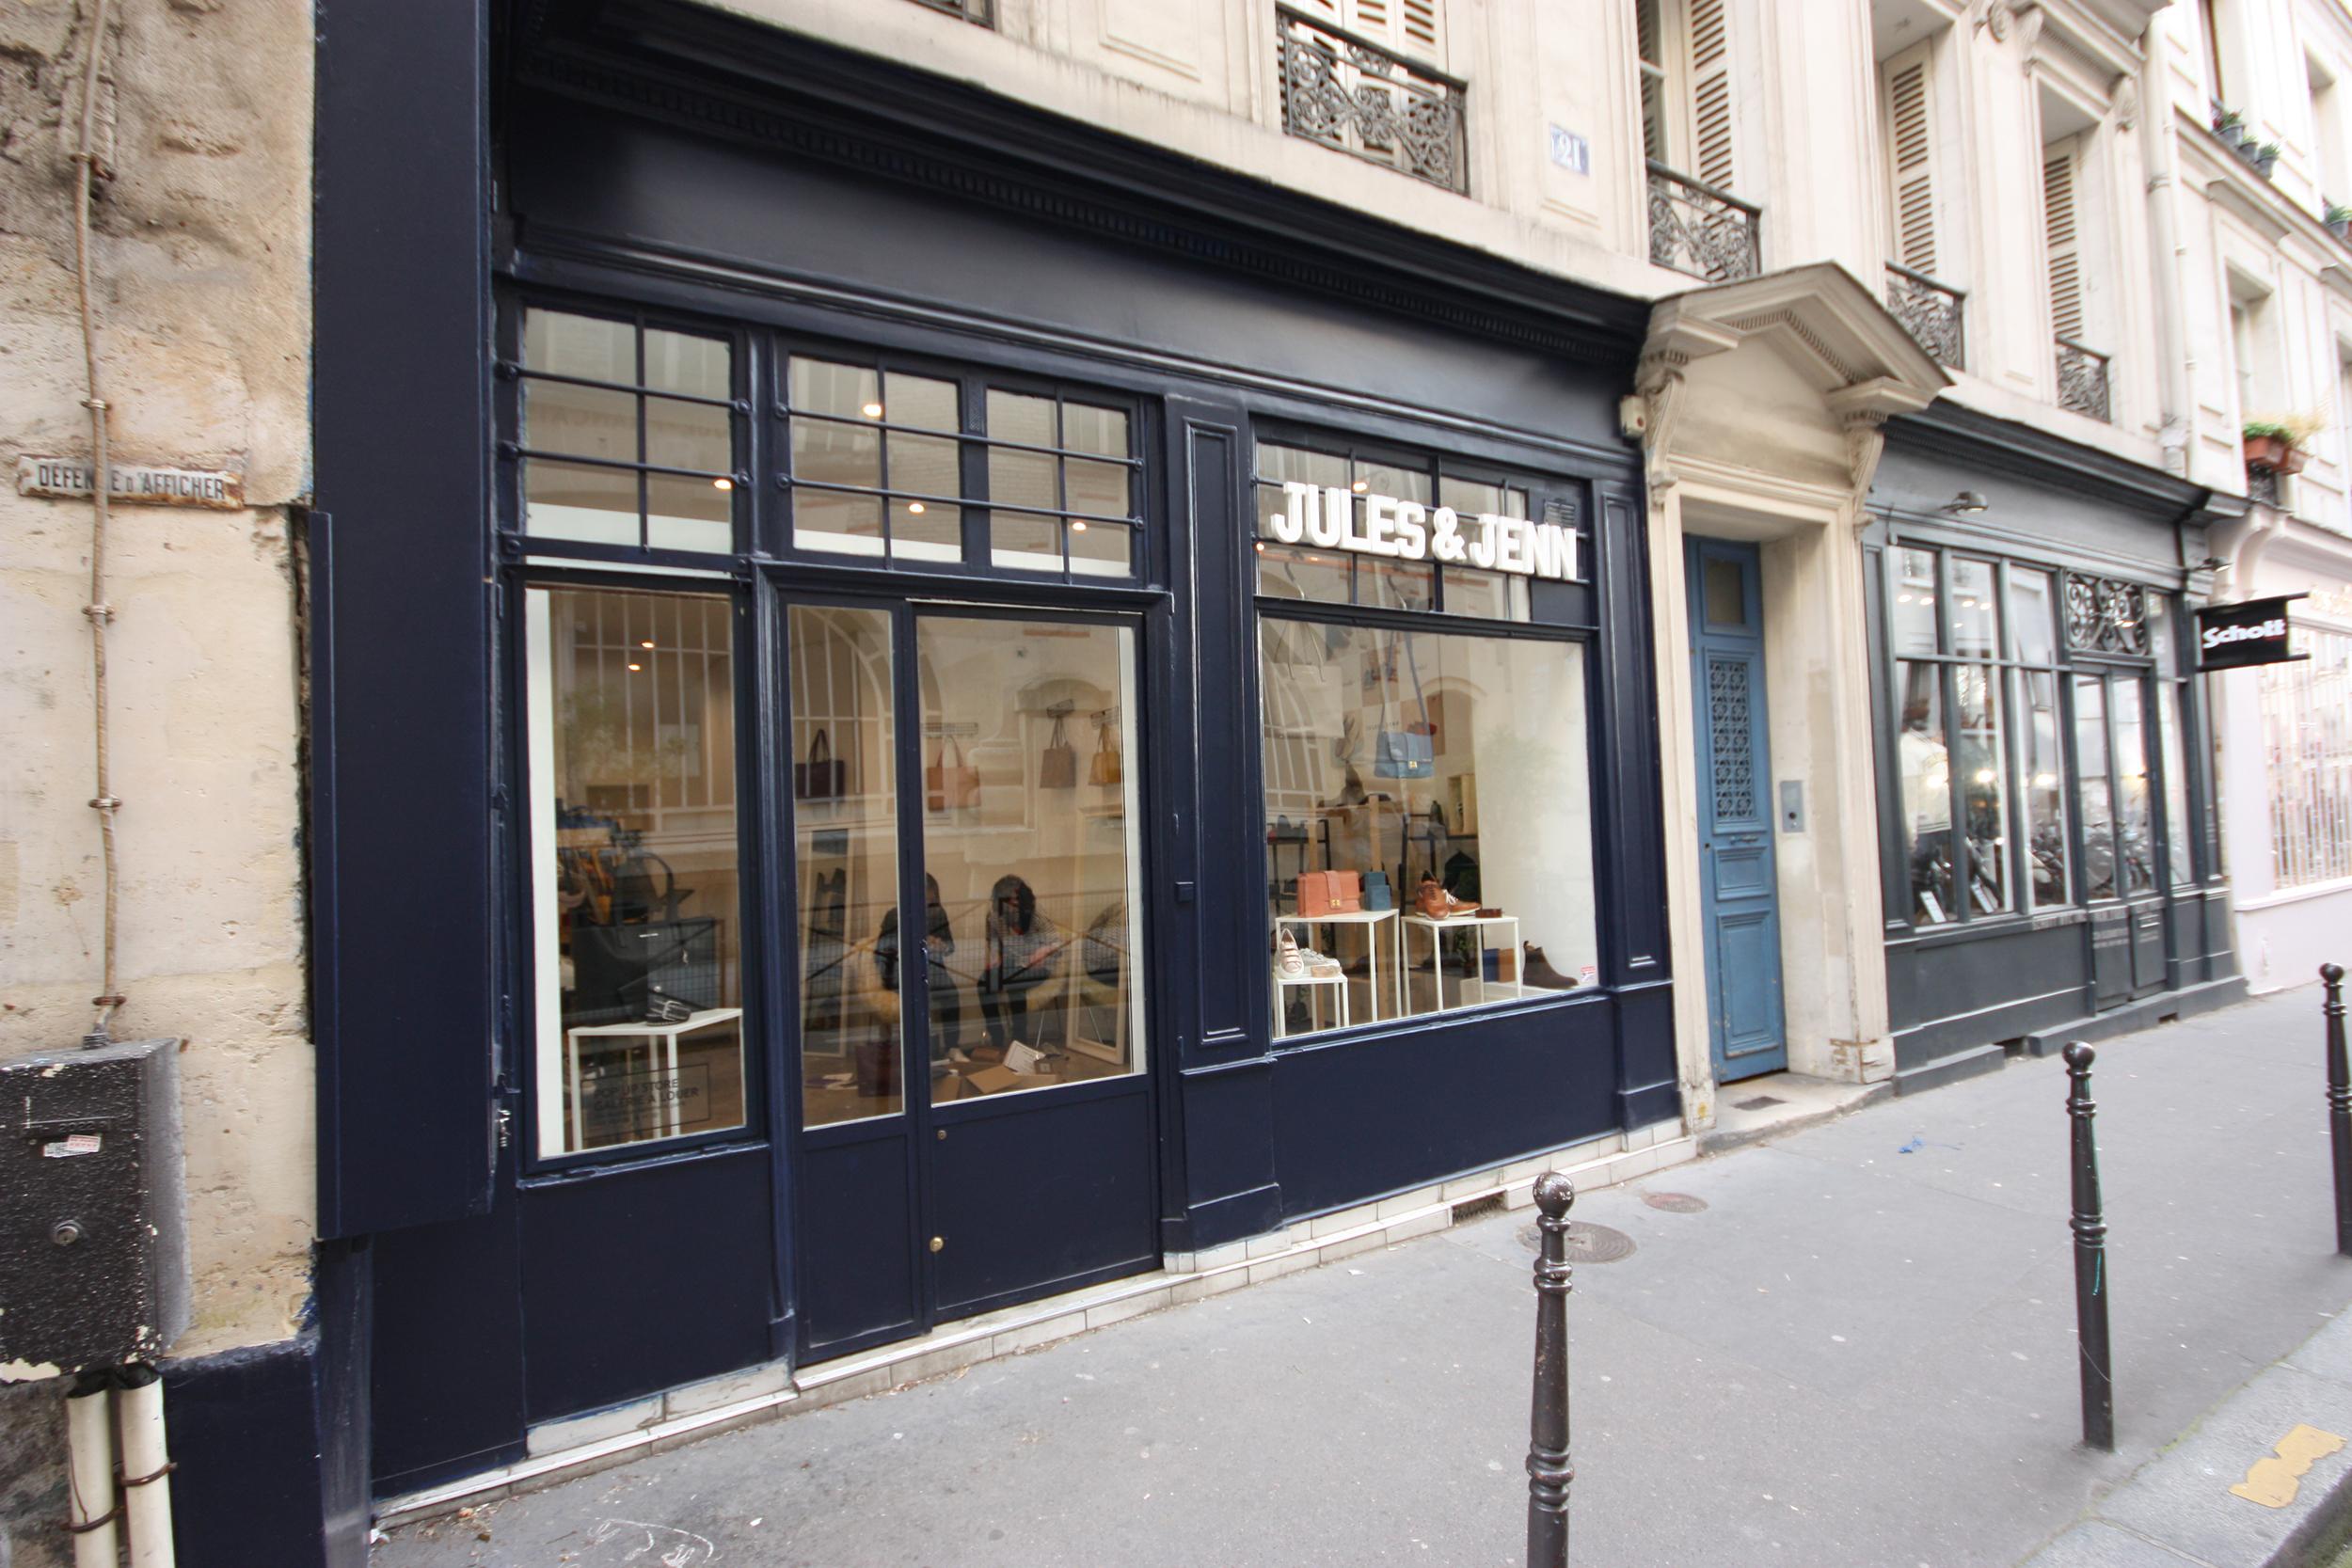 Louer une boutique ephemere paris